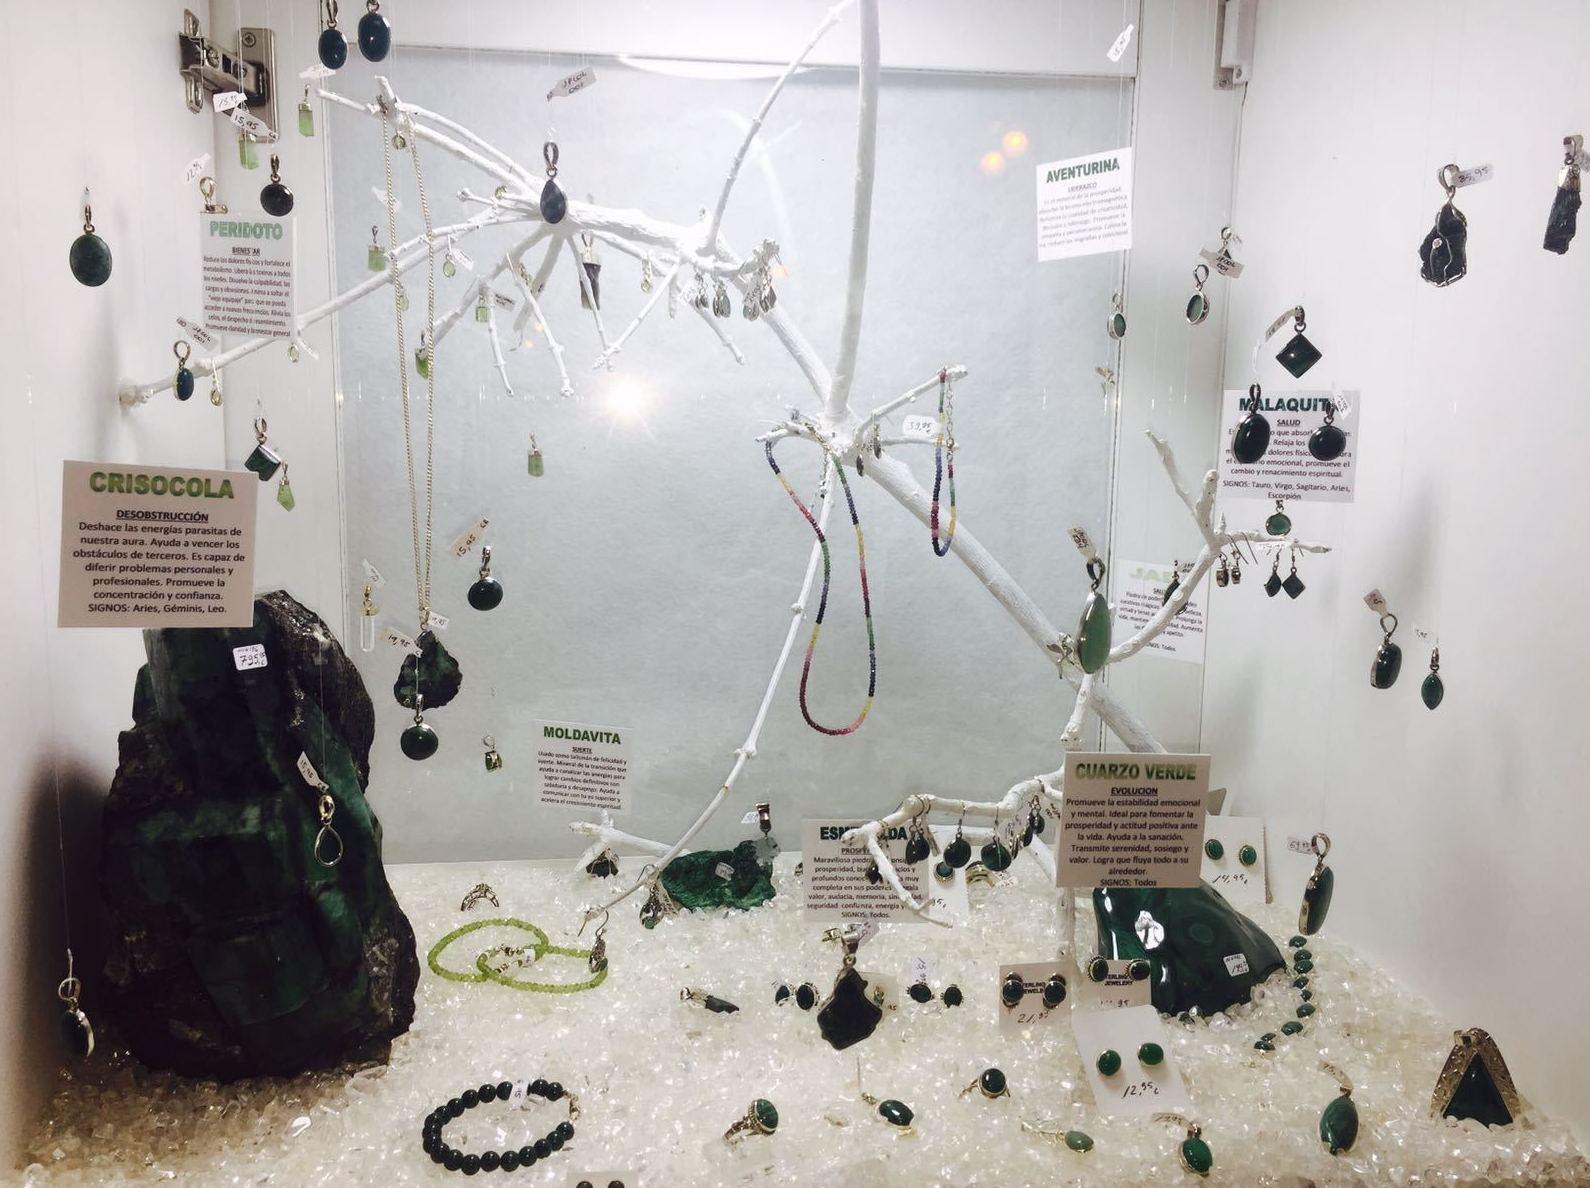 Esmeralda, crisólitos, malaquita, jade , cuarzo verde, peridoto y moldavita, Genuinos minerales engarzados en plata.